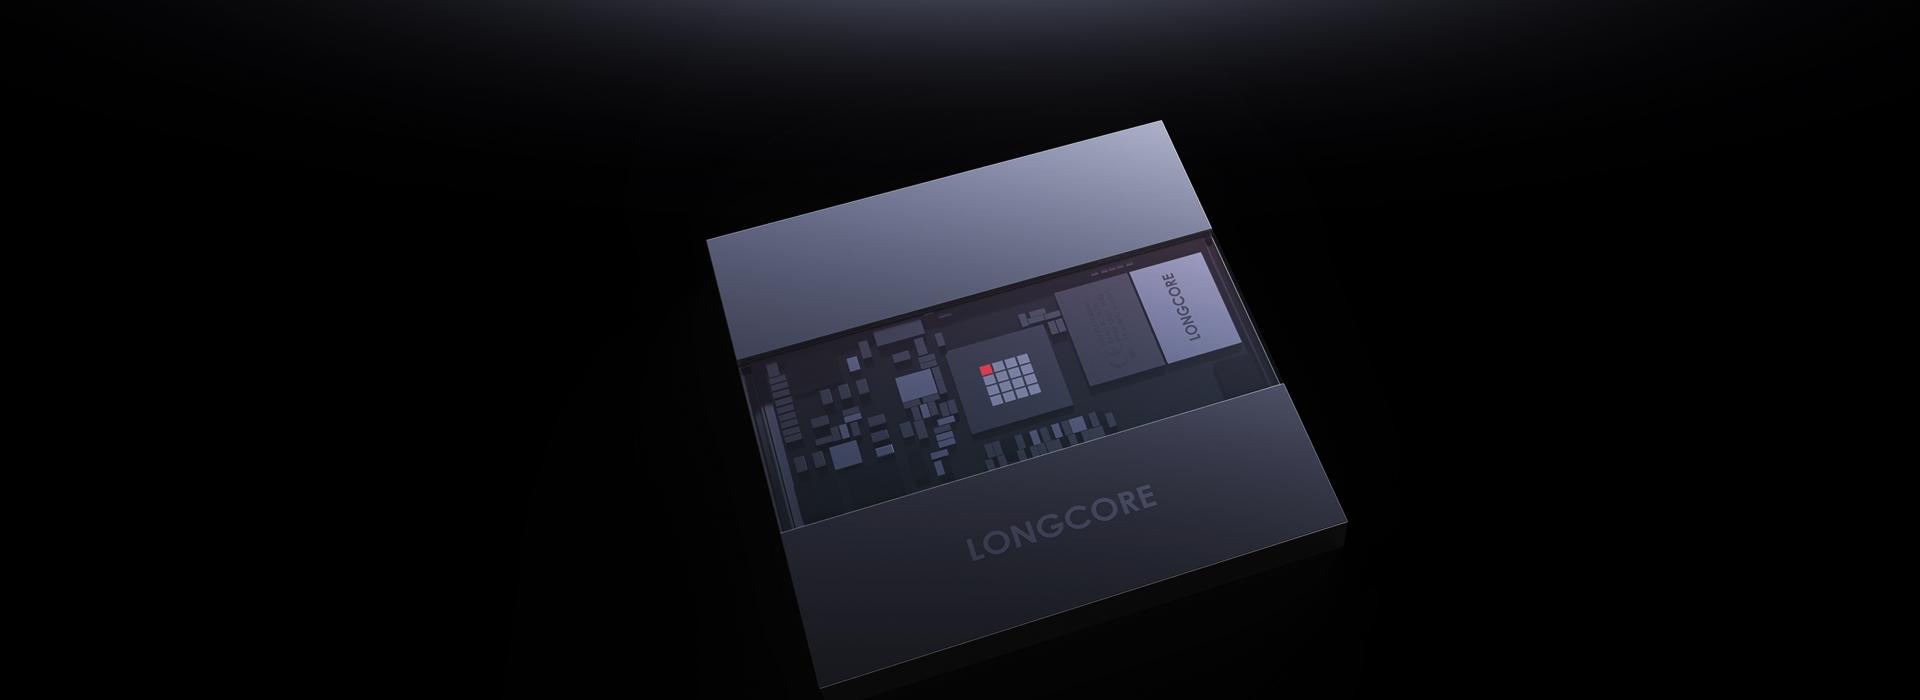 LONGCORE